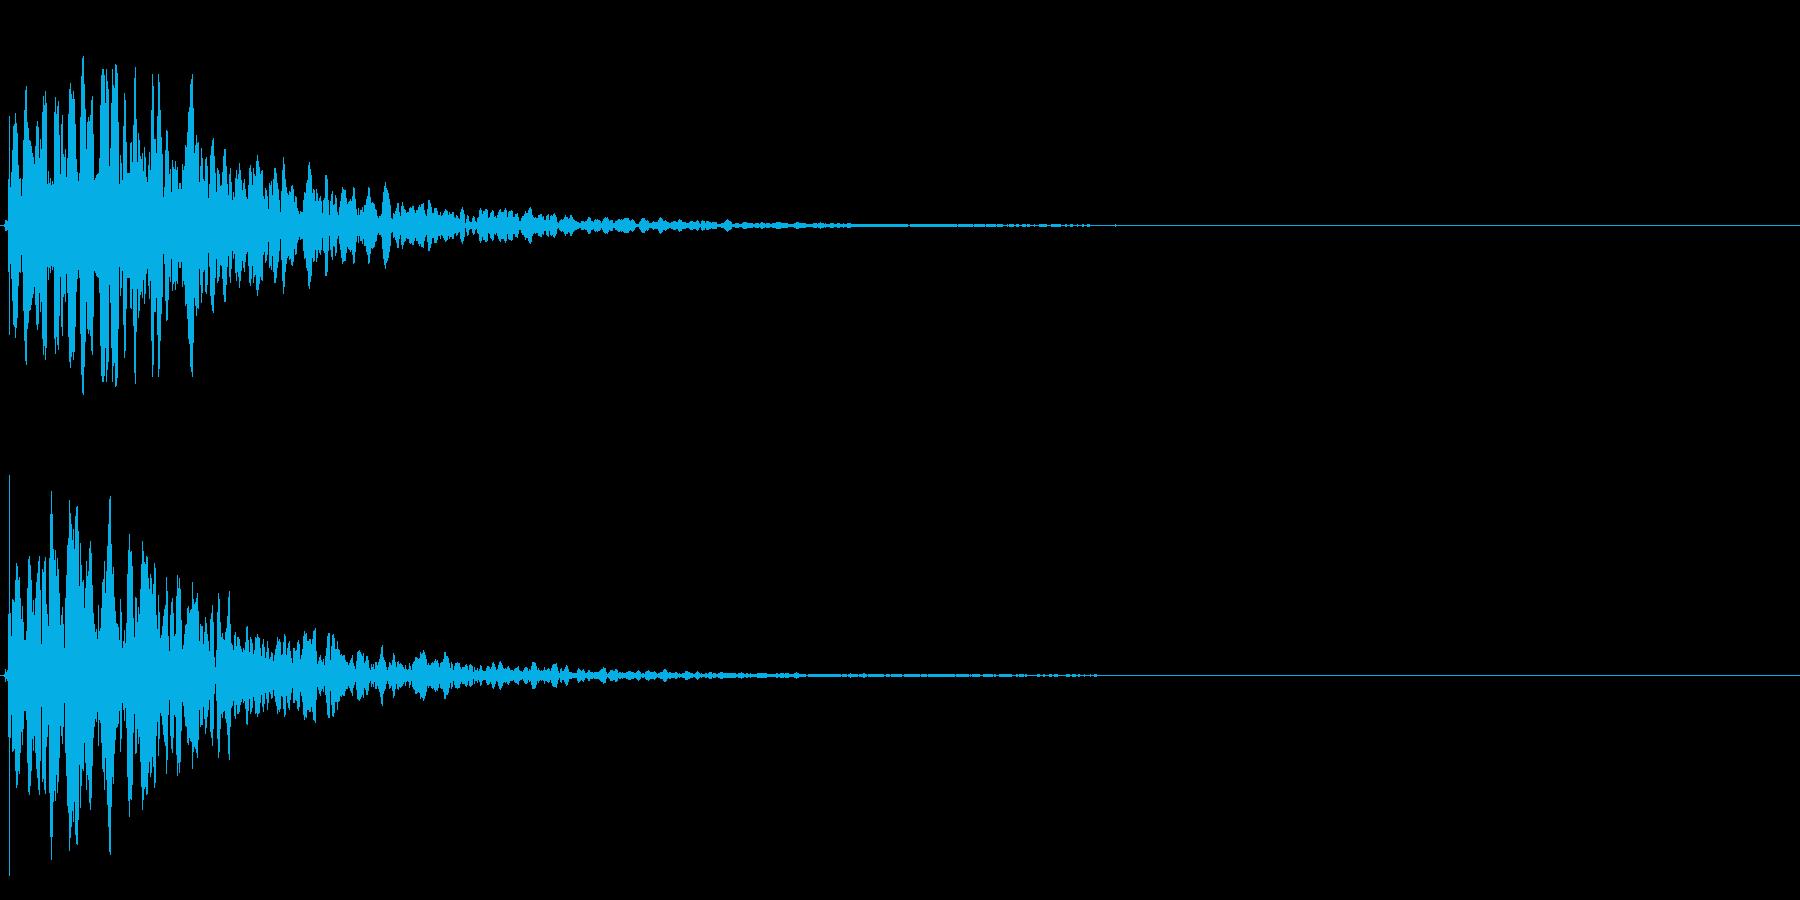 ゲームスタート、決定、ボタン音-097の再生済みの波形